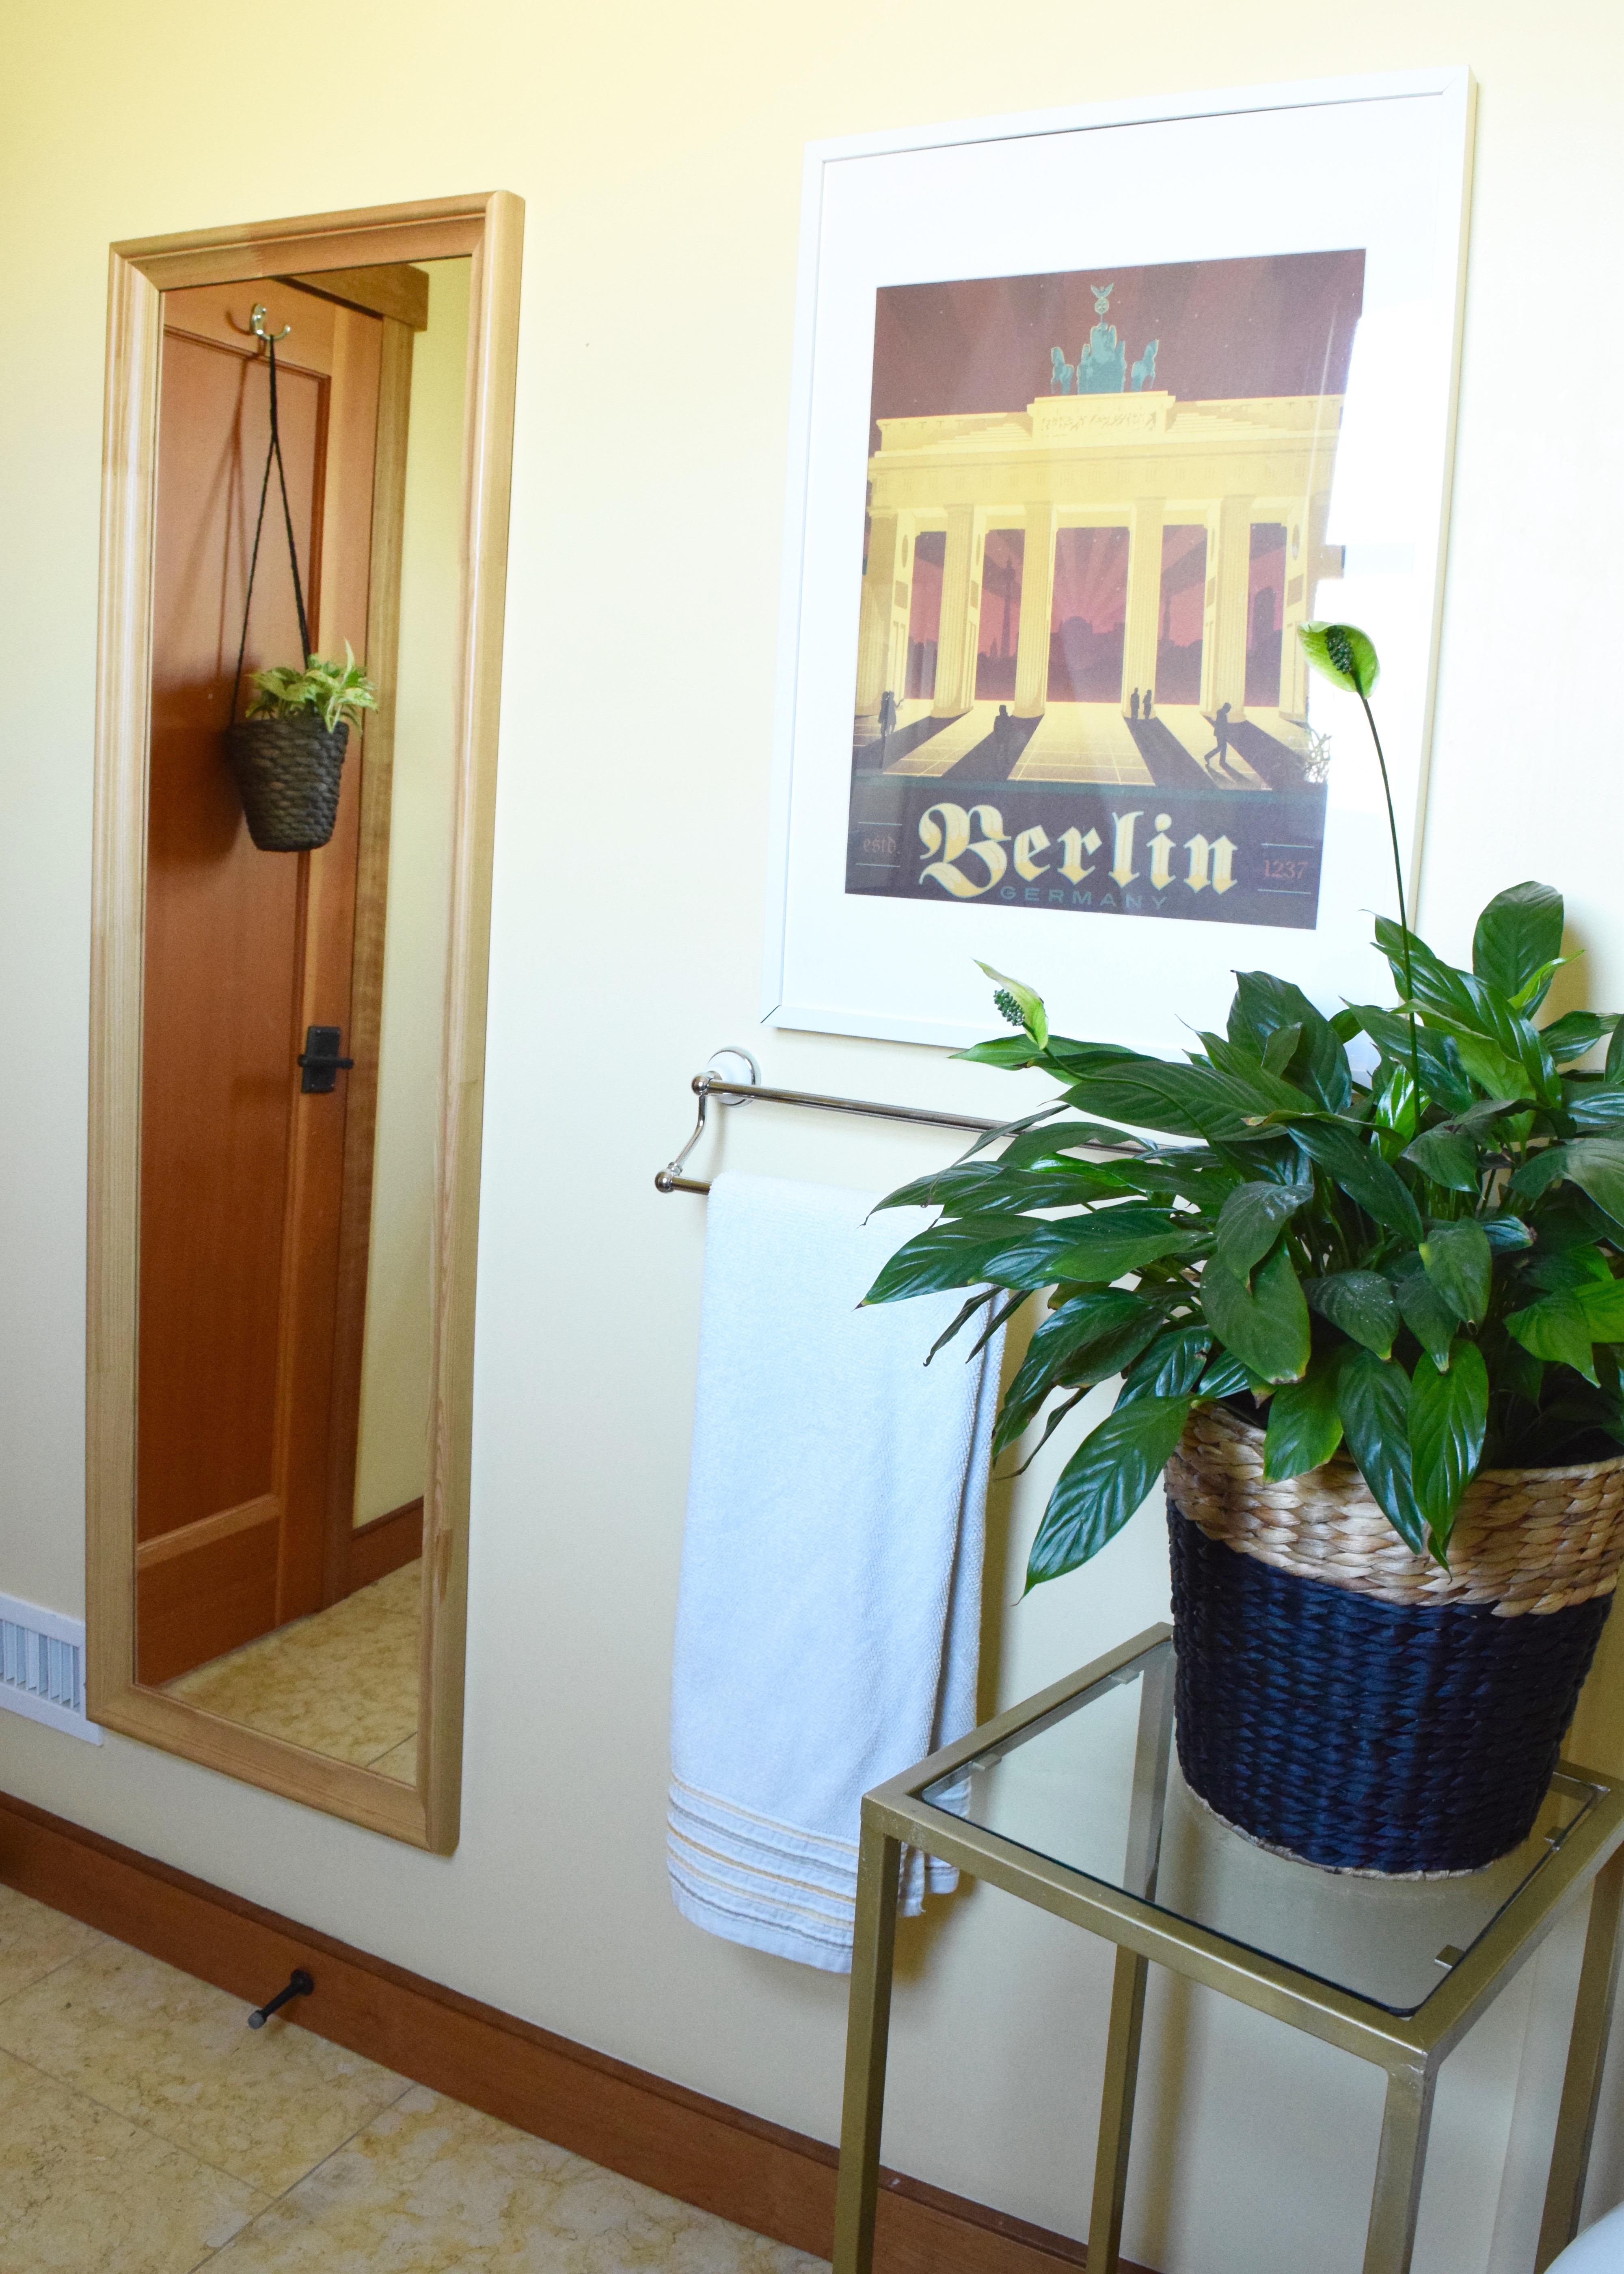 Bungalow Bathroom After | Land of Laurel